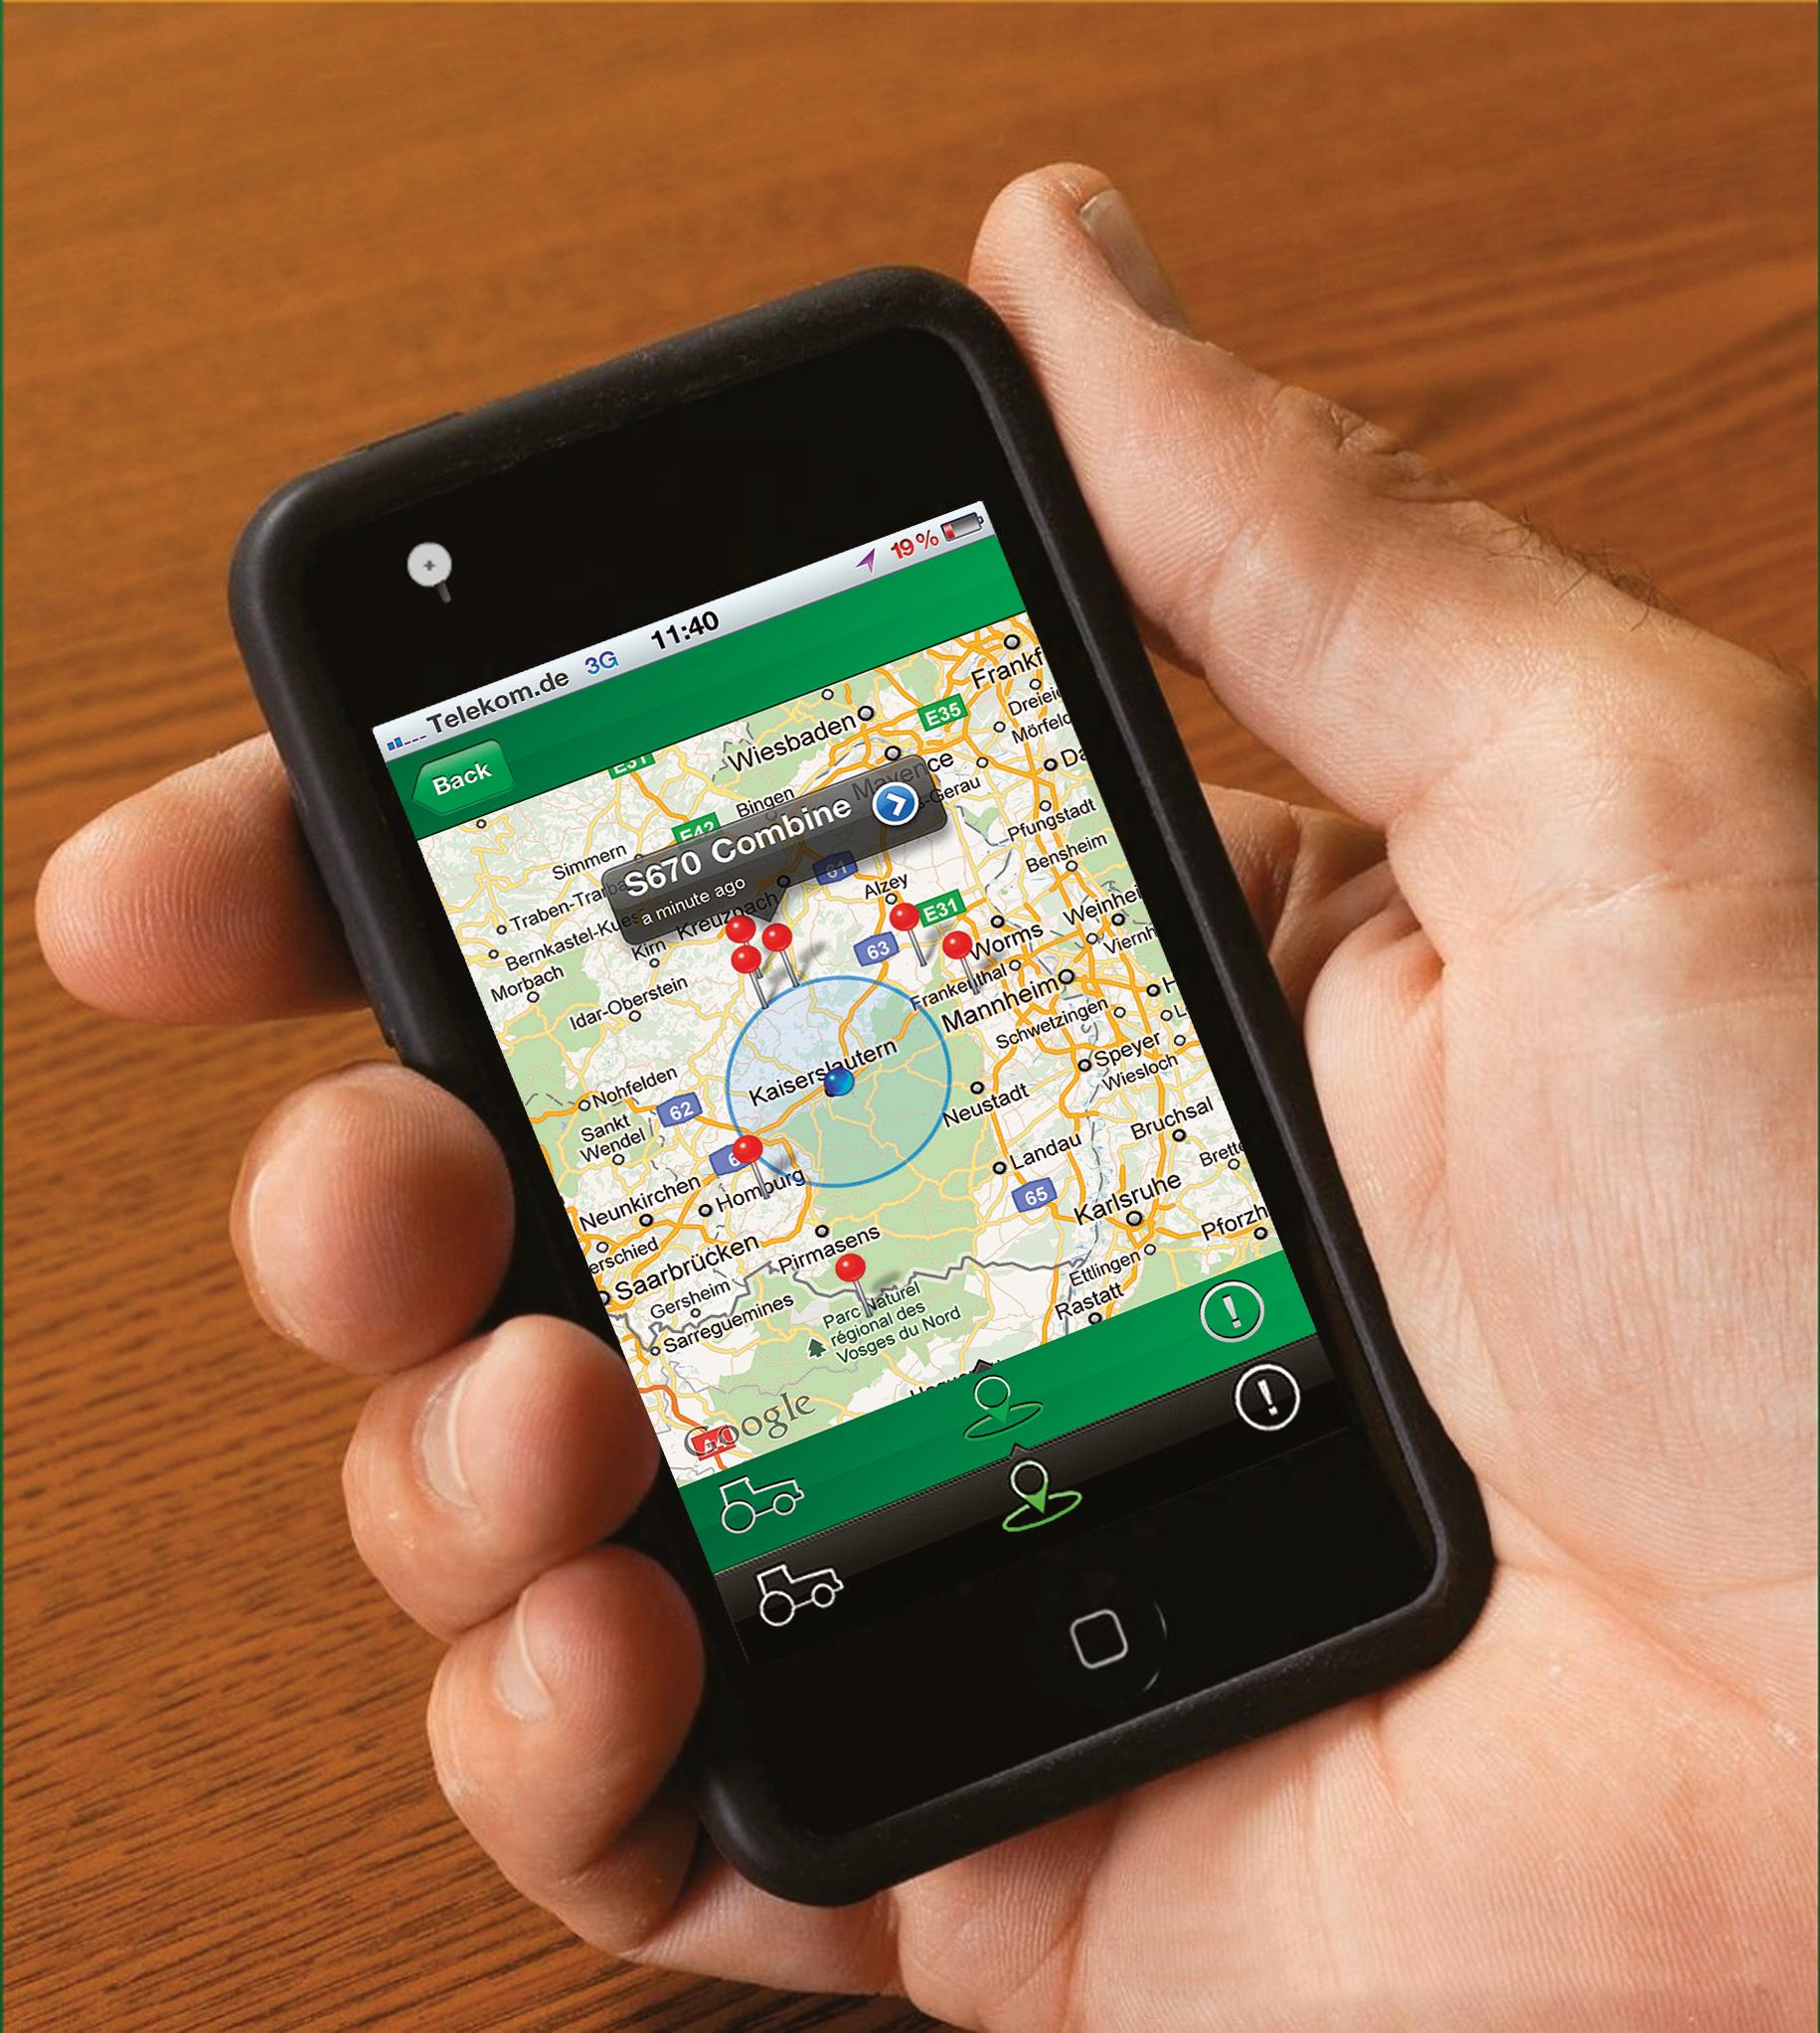 <p>Met een app gekoppeld aan het telematica-systeem heb je op afstand inzicht in onder andere de locatie en onderhoudstoestand van machines. Hier een voorbeeld uit de landbouw. </p>